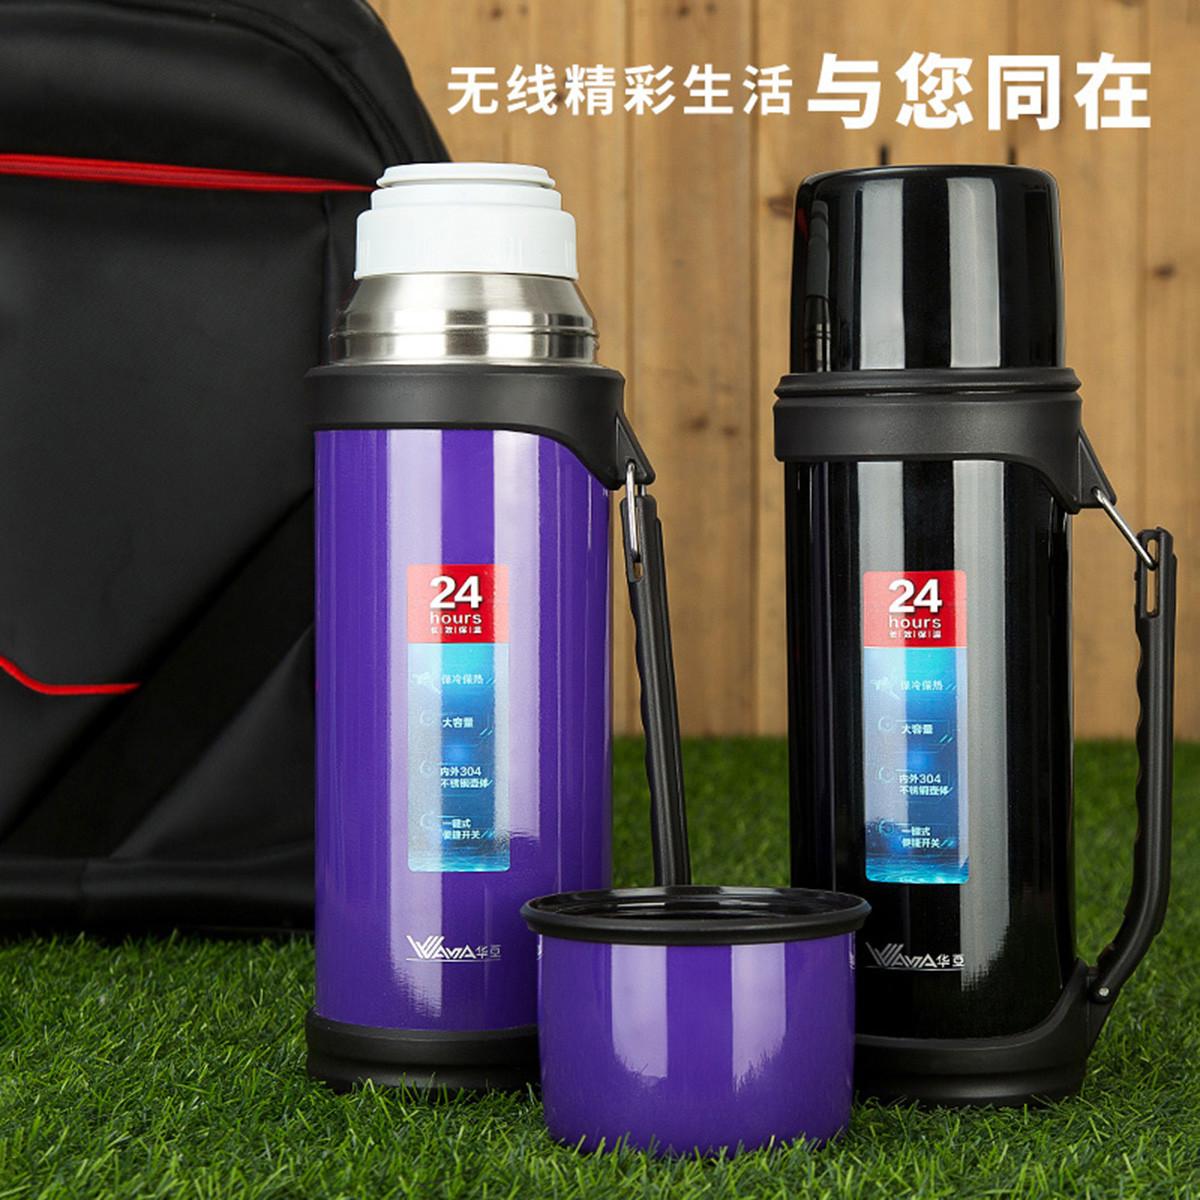 保温壶家用户外长效保温水杯大号旅行车载瓶大容量不锈钢保温壶